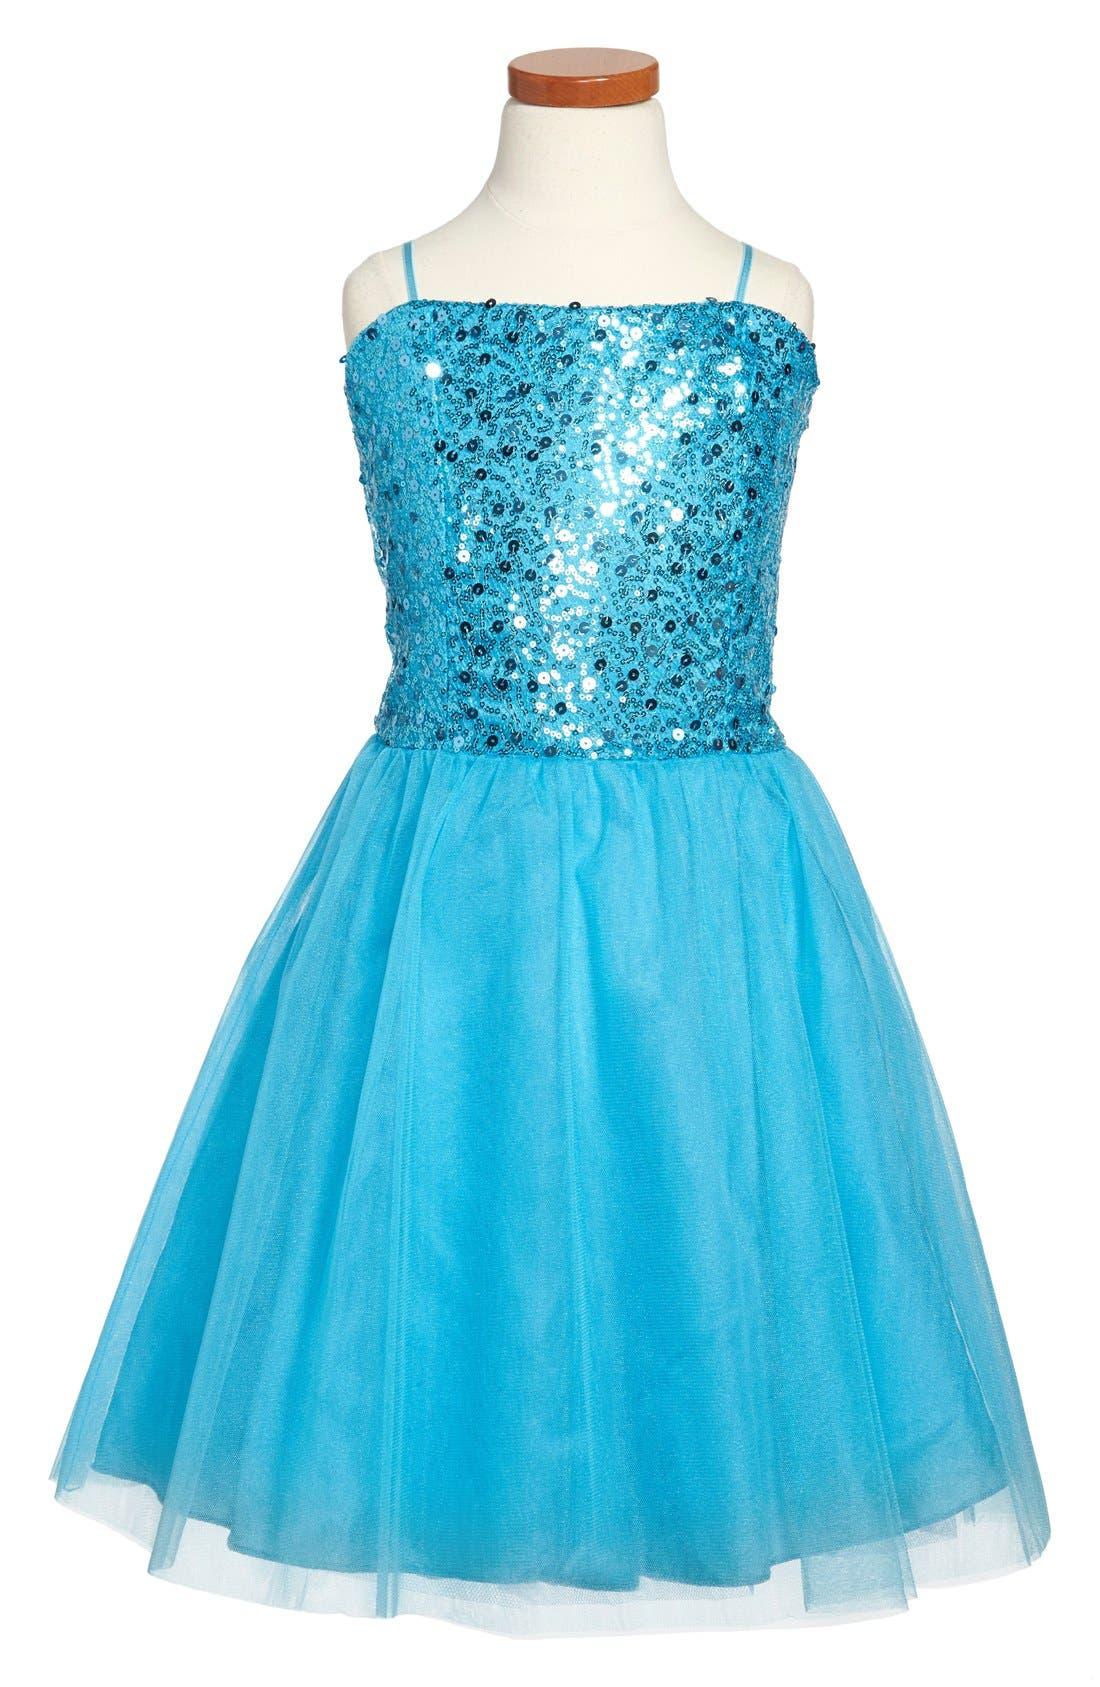 Sequin Party Dress,                             Main thumbnail 2, color,